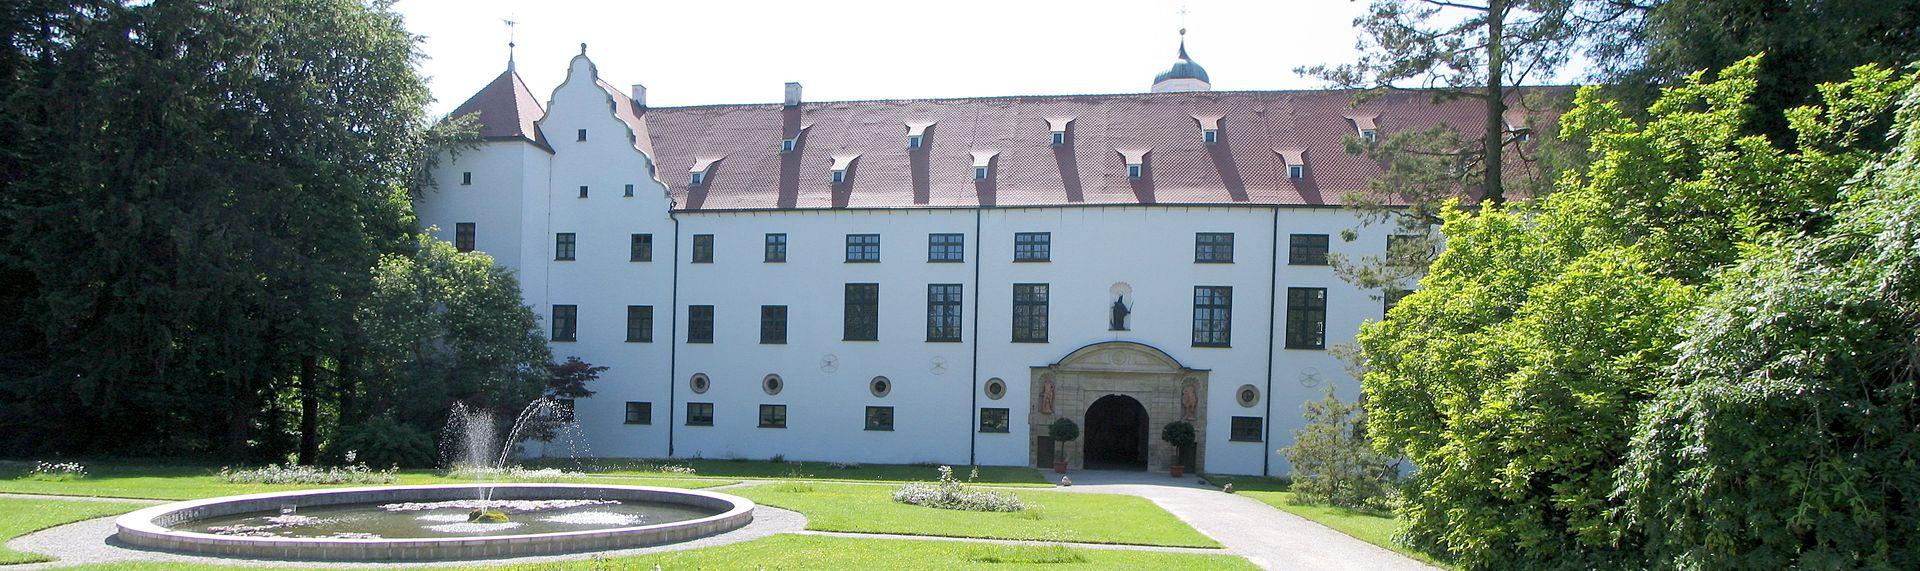 Bild Fuggerschloss Kirchheim